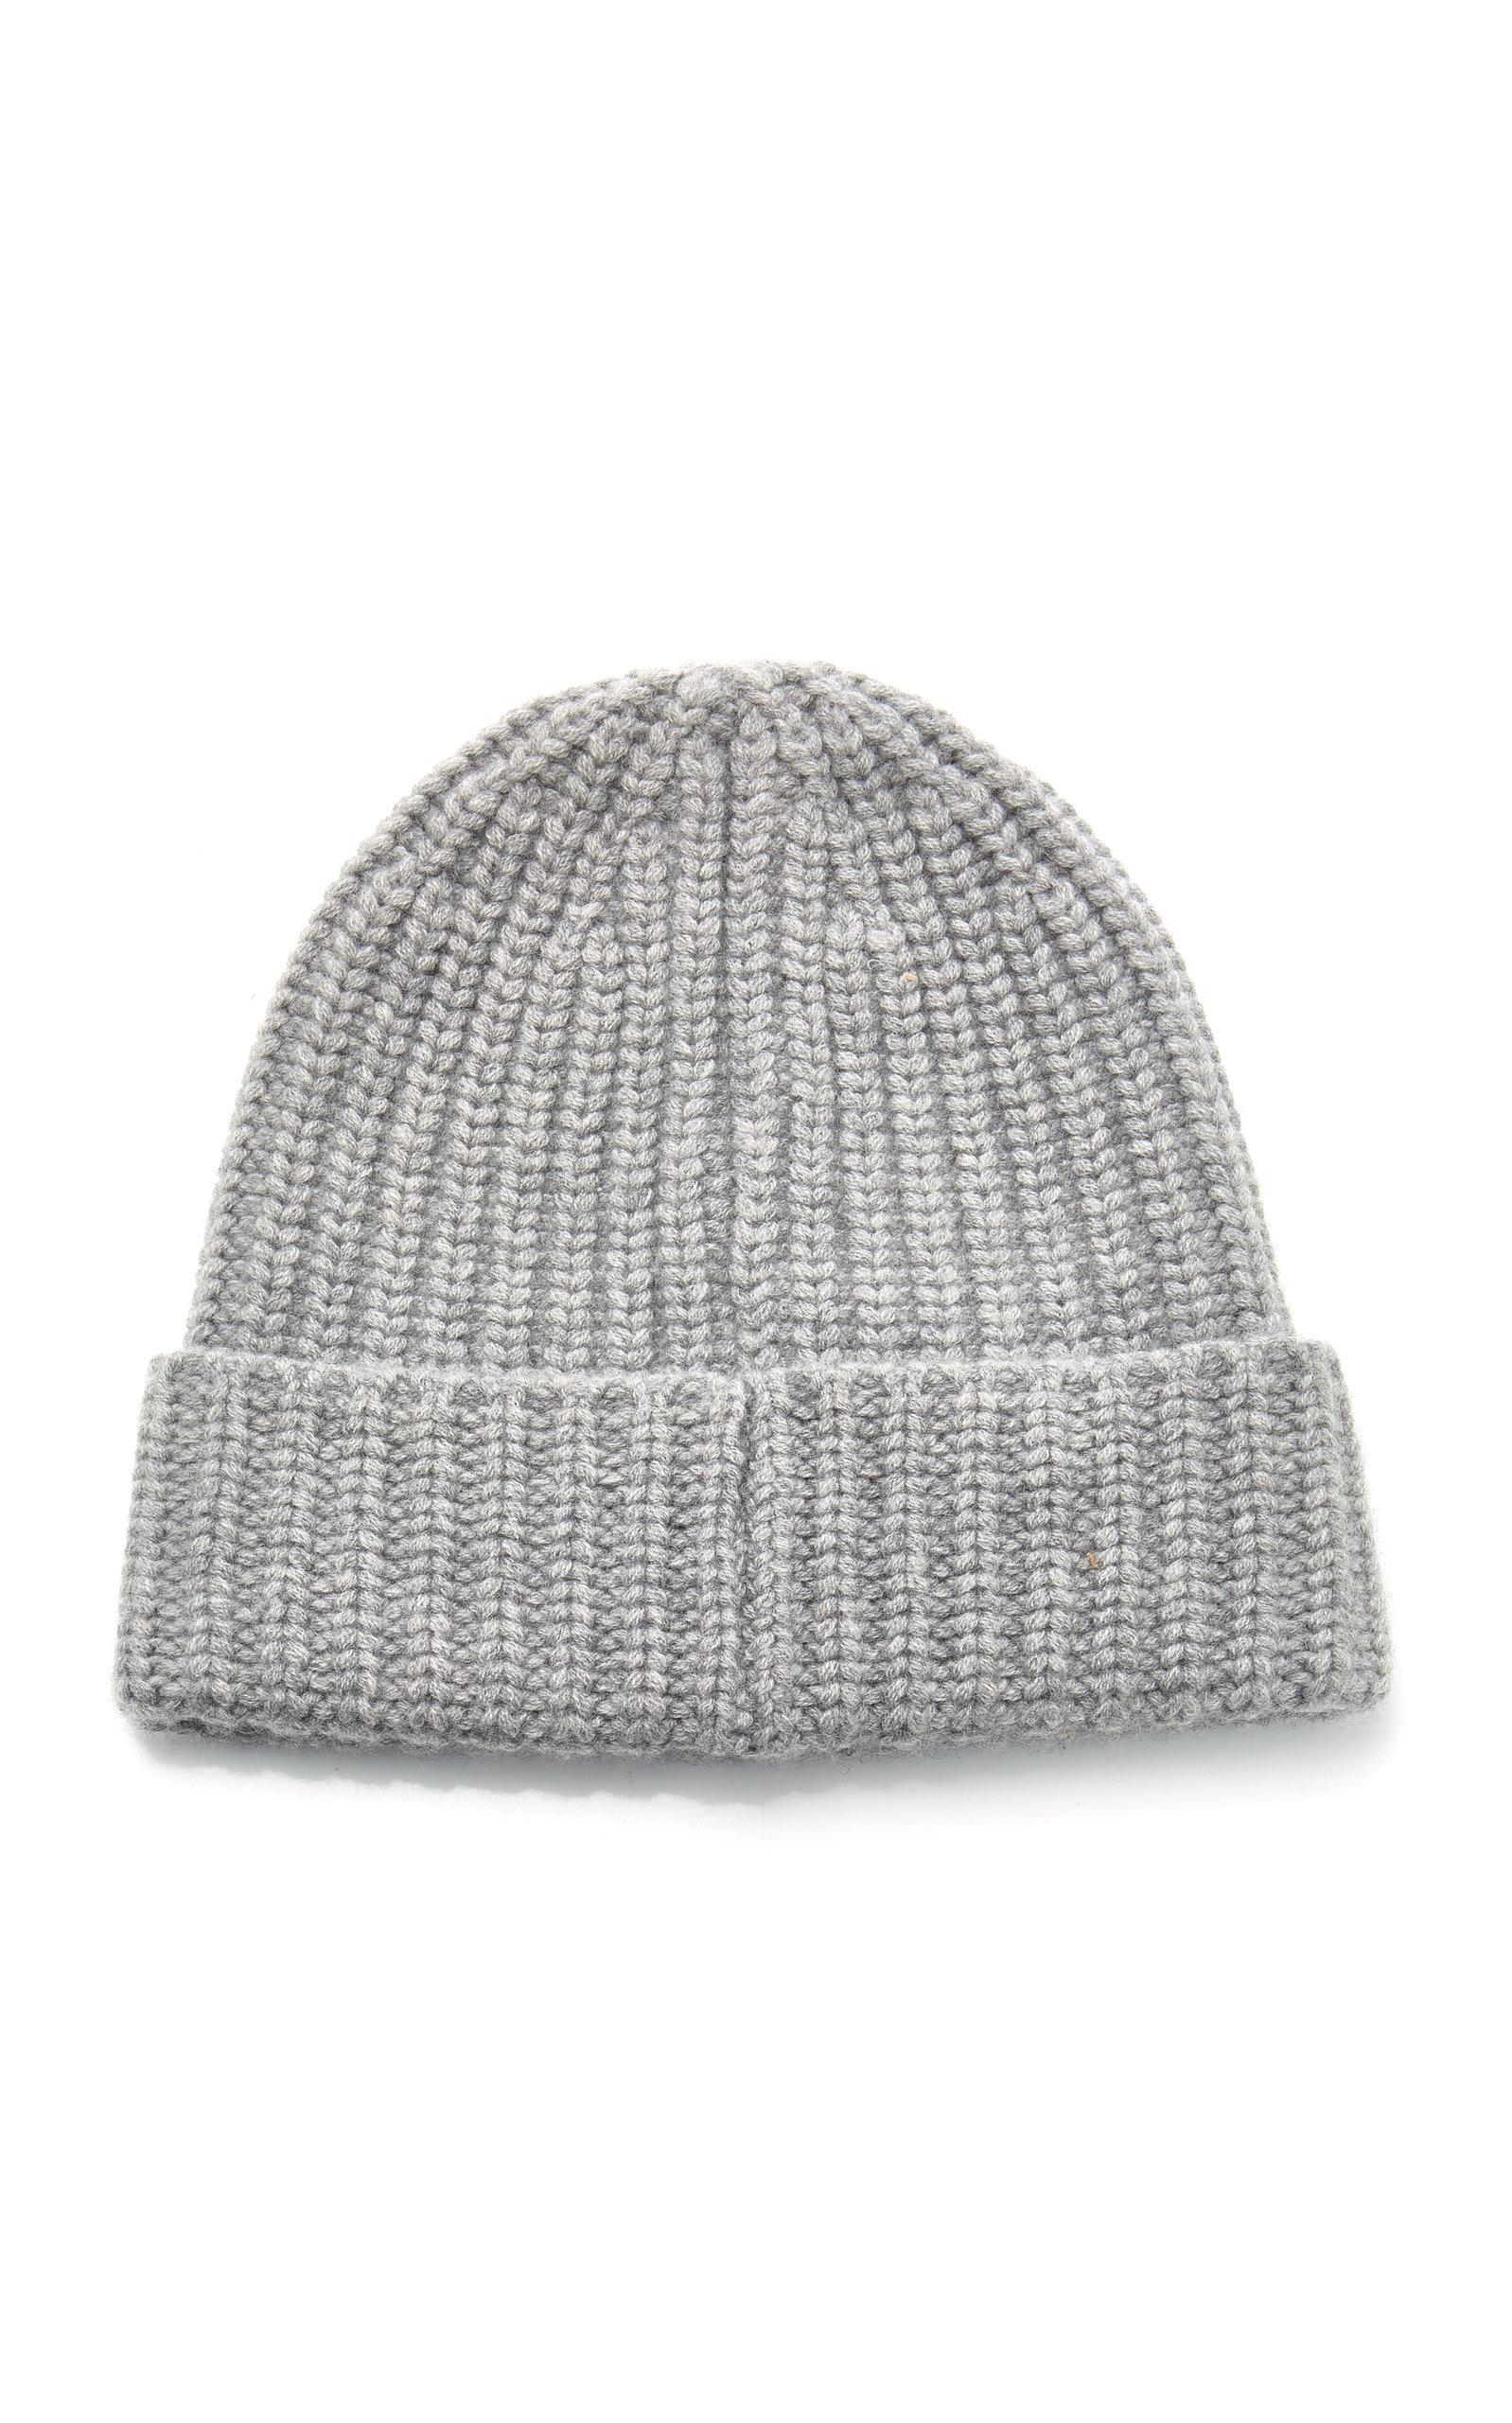 83ca34f3420 Women s Bogner X White Cube Hats